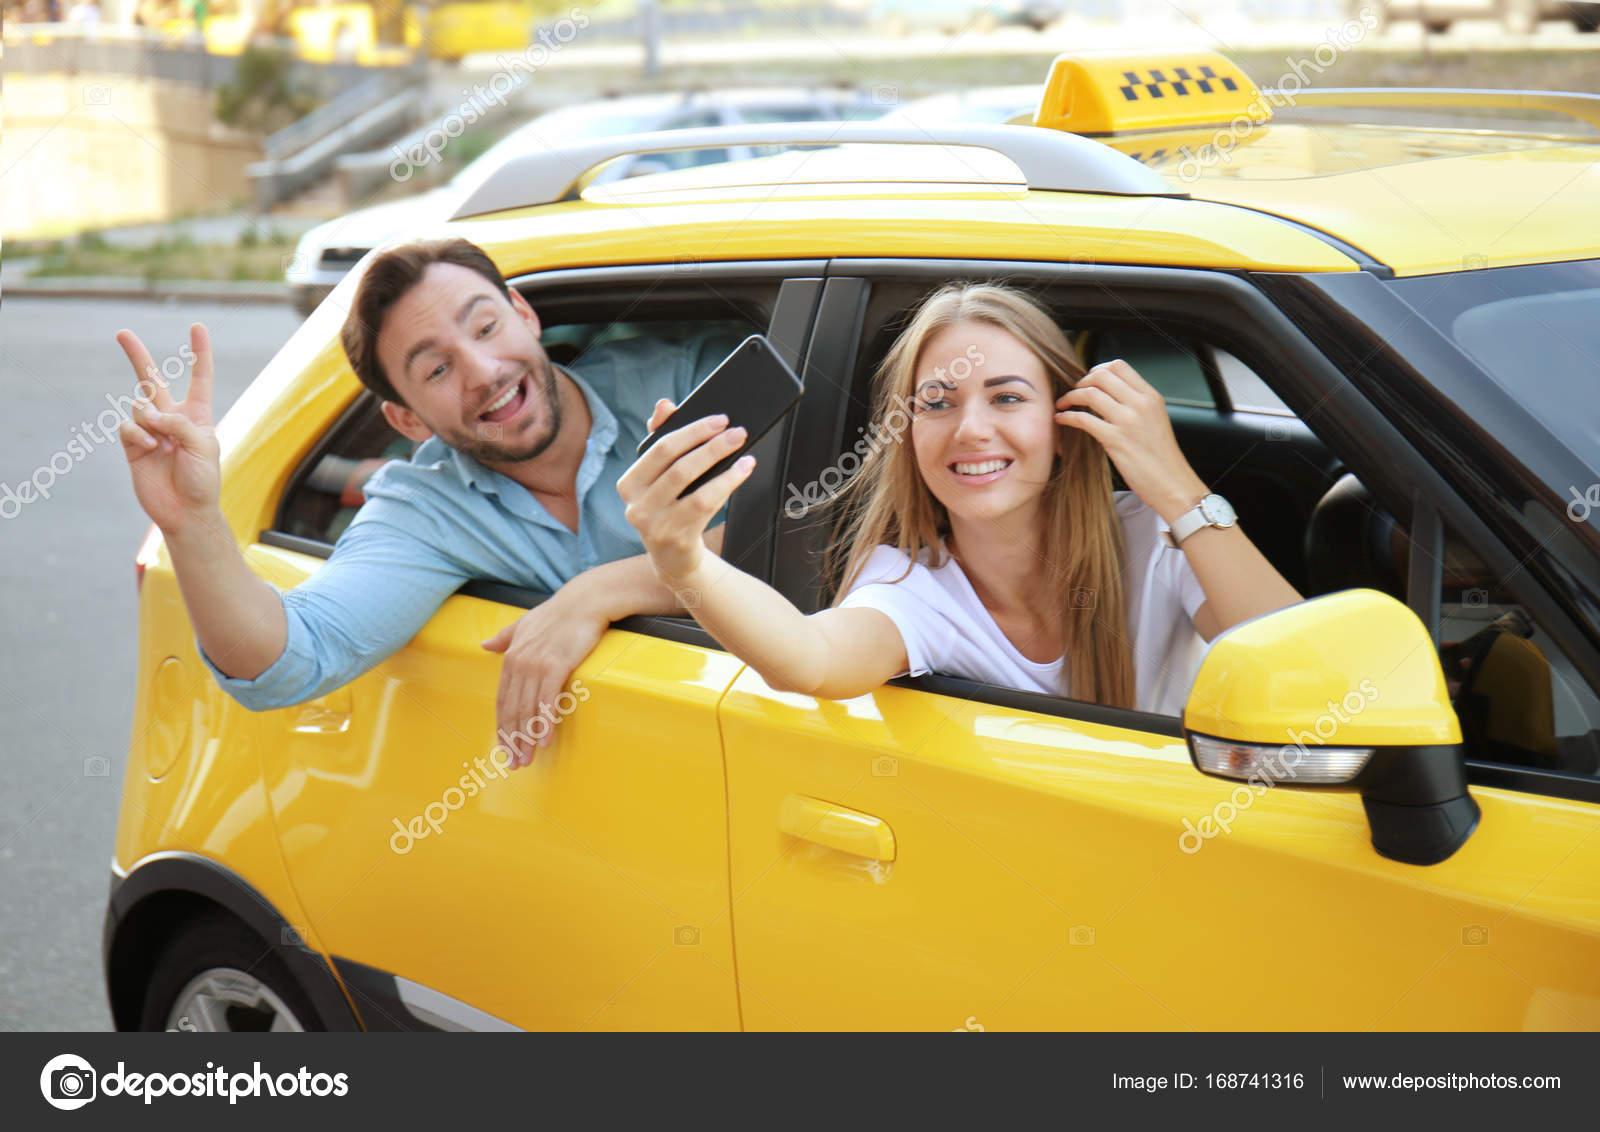 Сосущие телки в такси, После вечера с подружками тёлочка заказывает такси 21 фотография